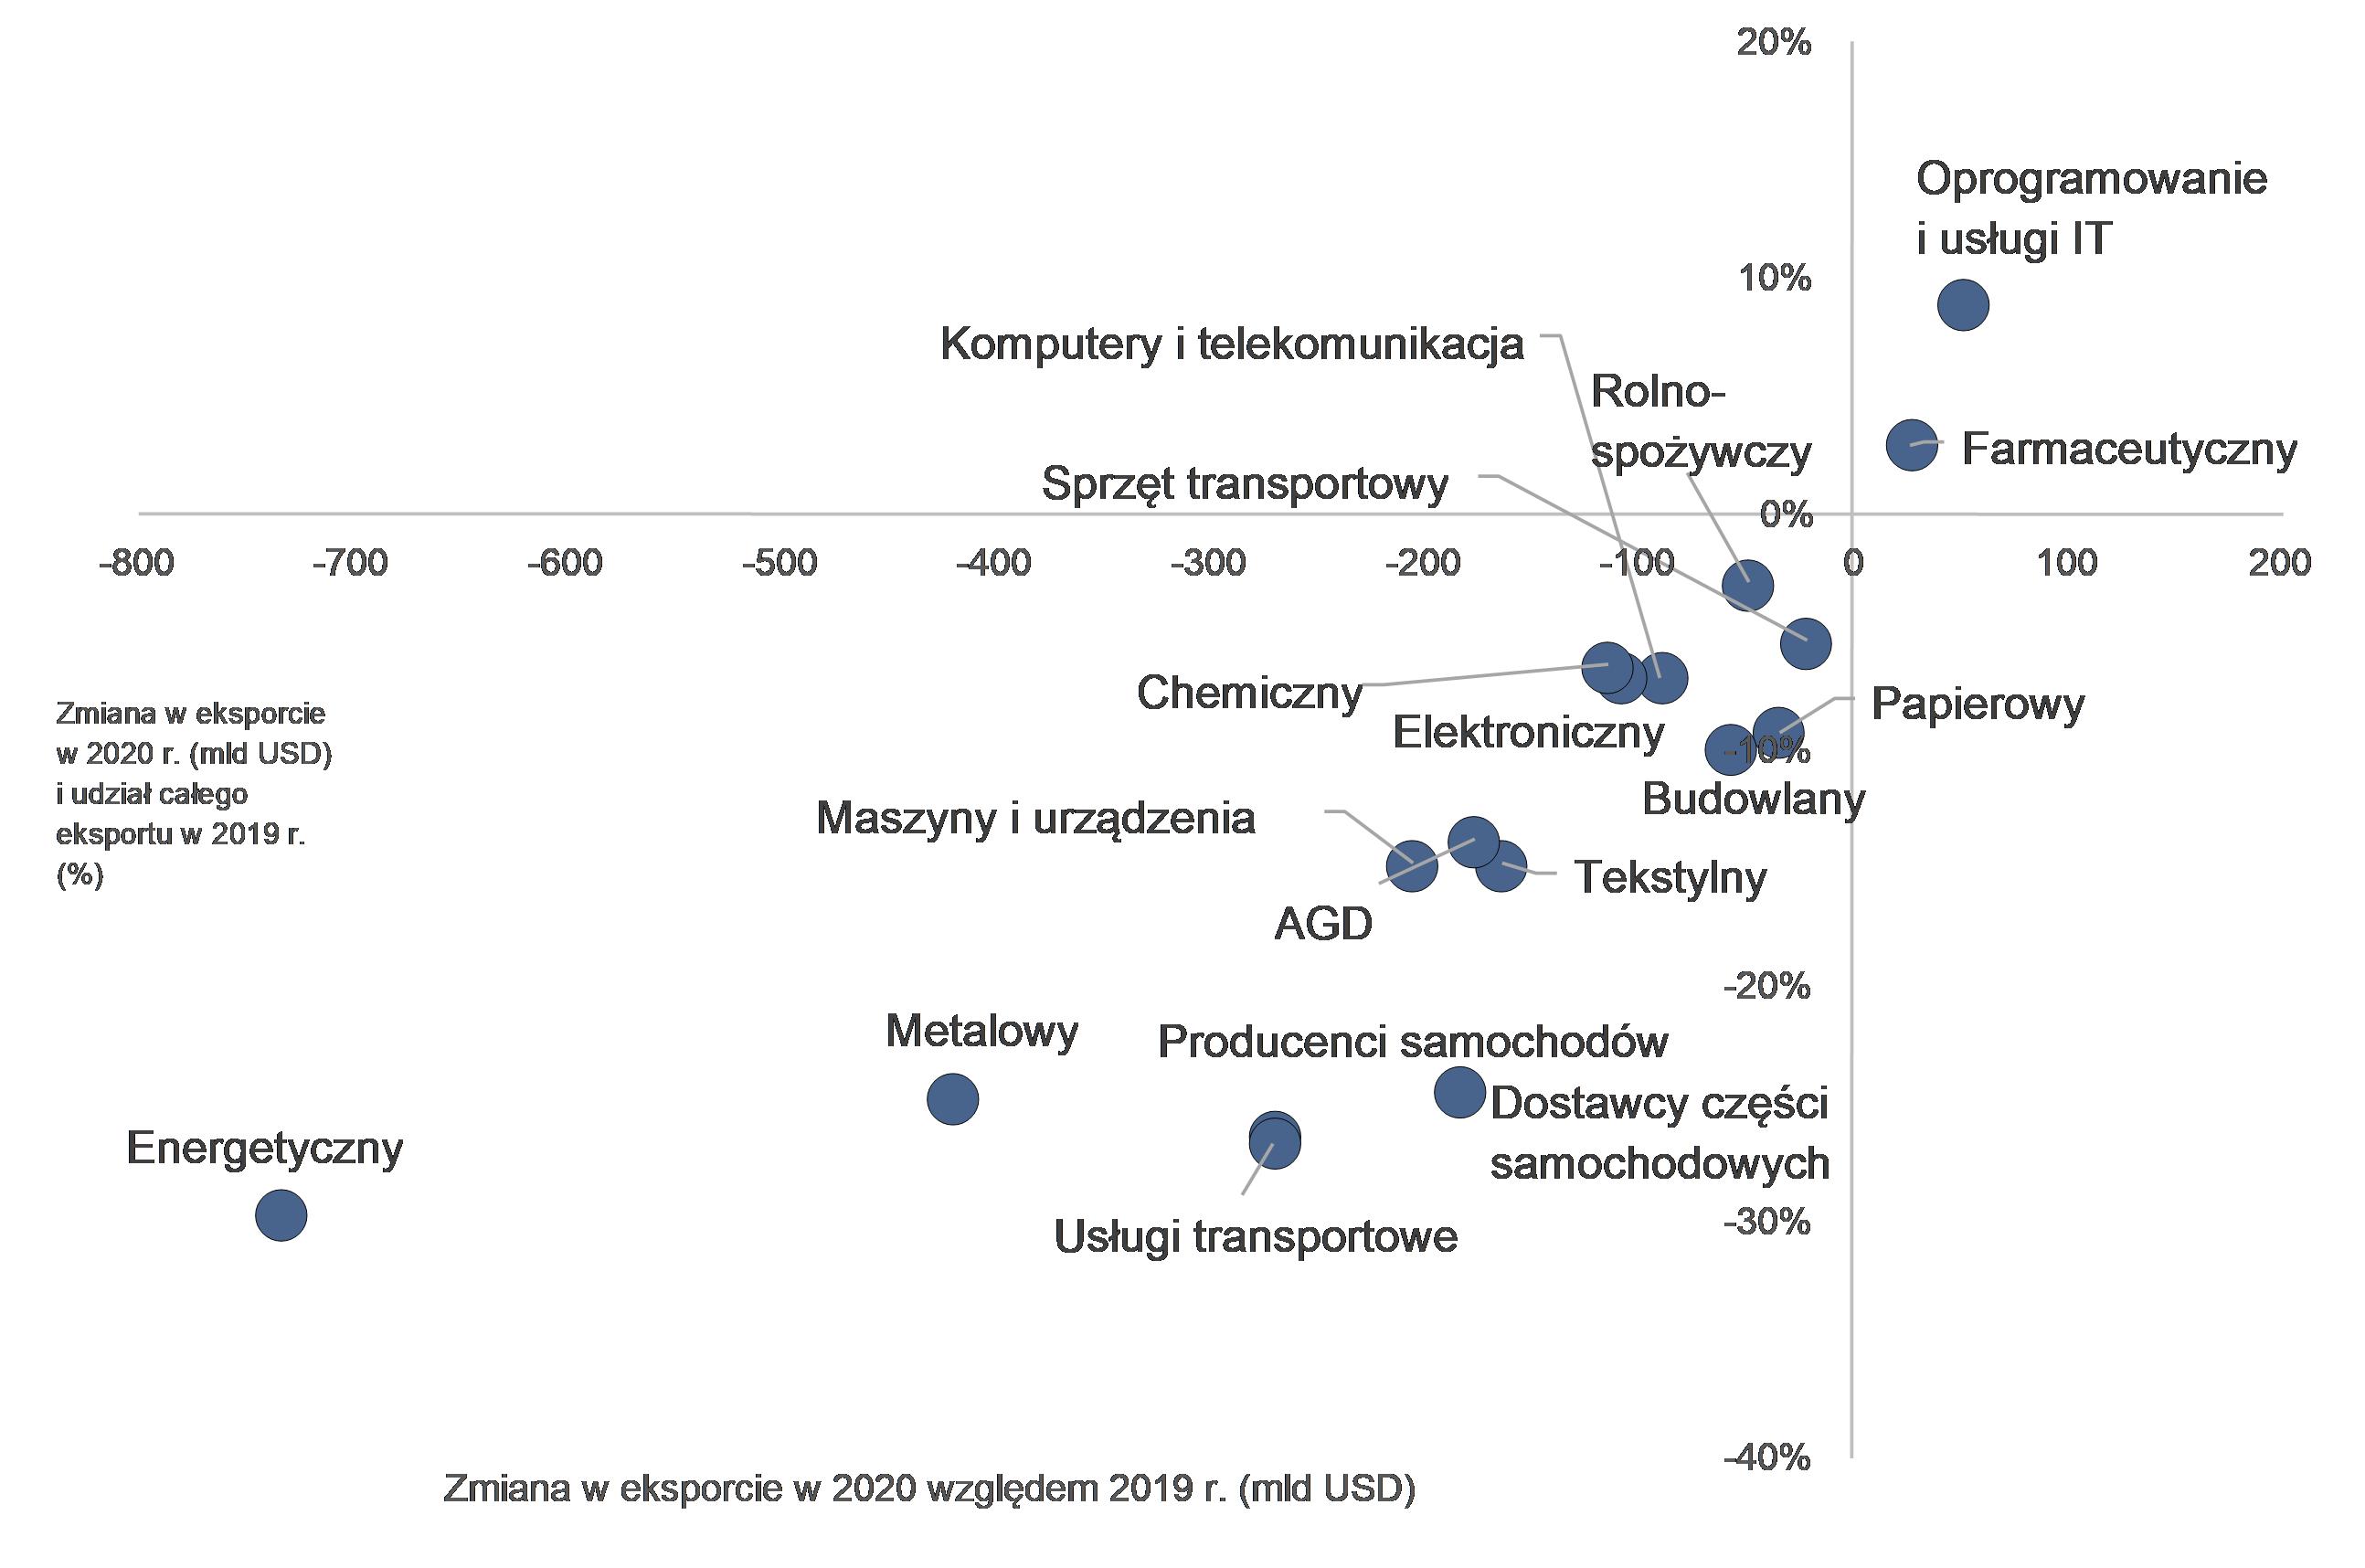 Zmiana w eksporcie według sektorów w 2020